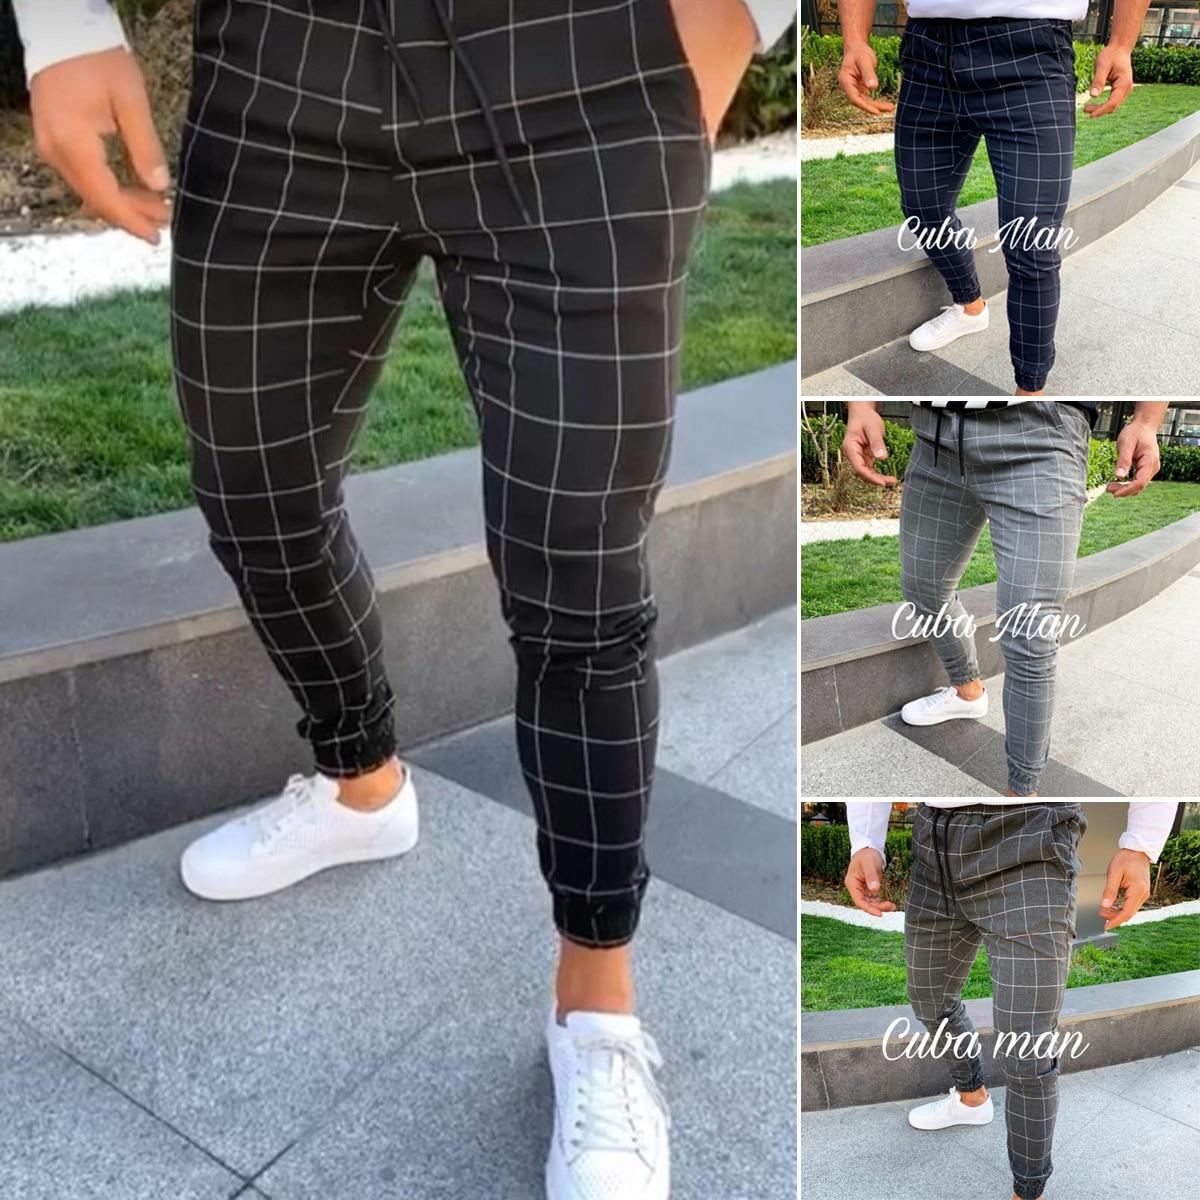 Брюки мужские прямые в клетку, Модные зауженные штаны с завышенной талией, повседневные джоггеры с завязкой, весна-осень